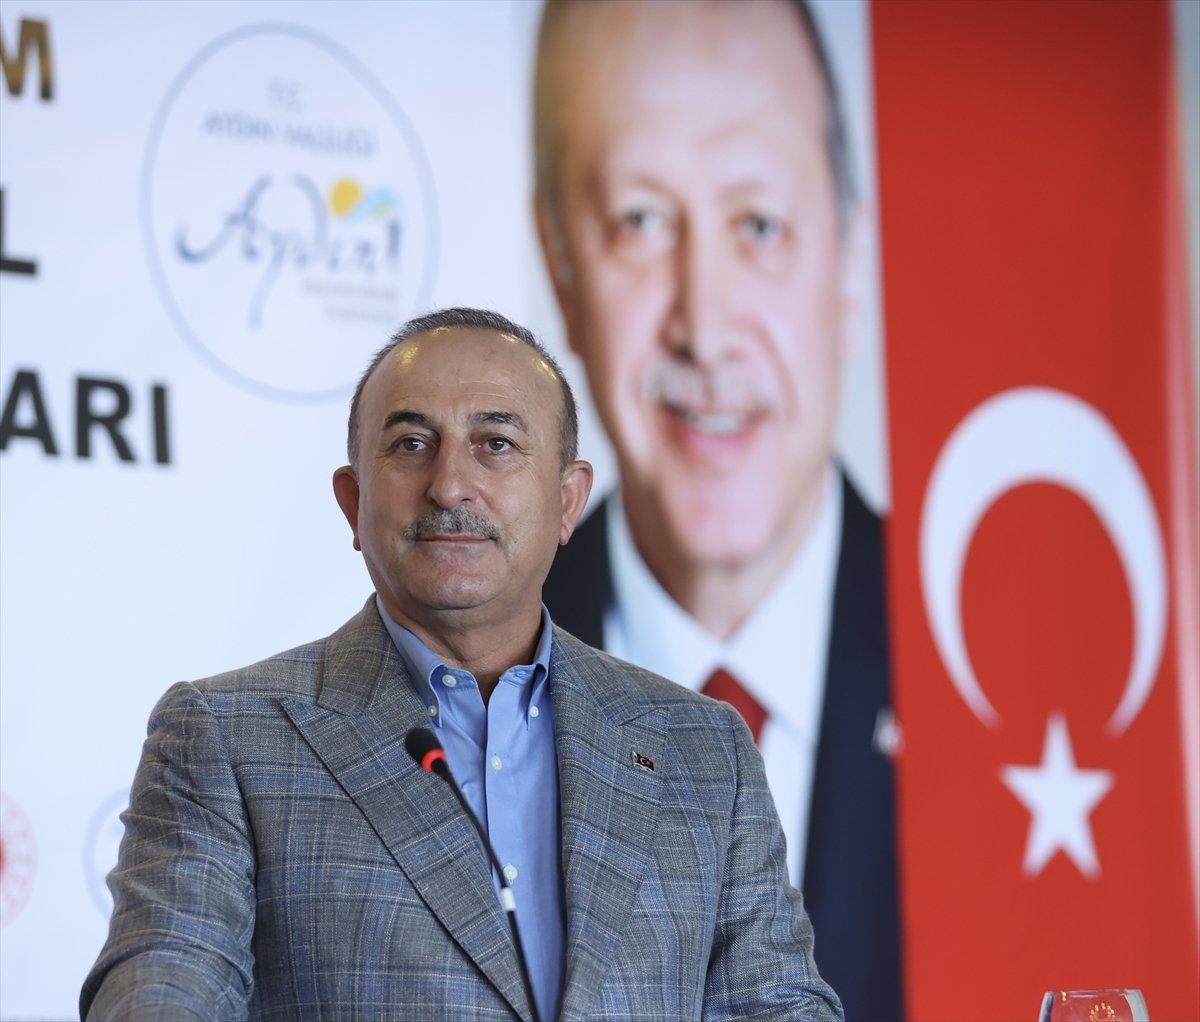 Türkiye, aktif ve çok yönlü dış politikayla dünyanın her yerinde #1